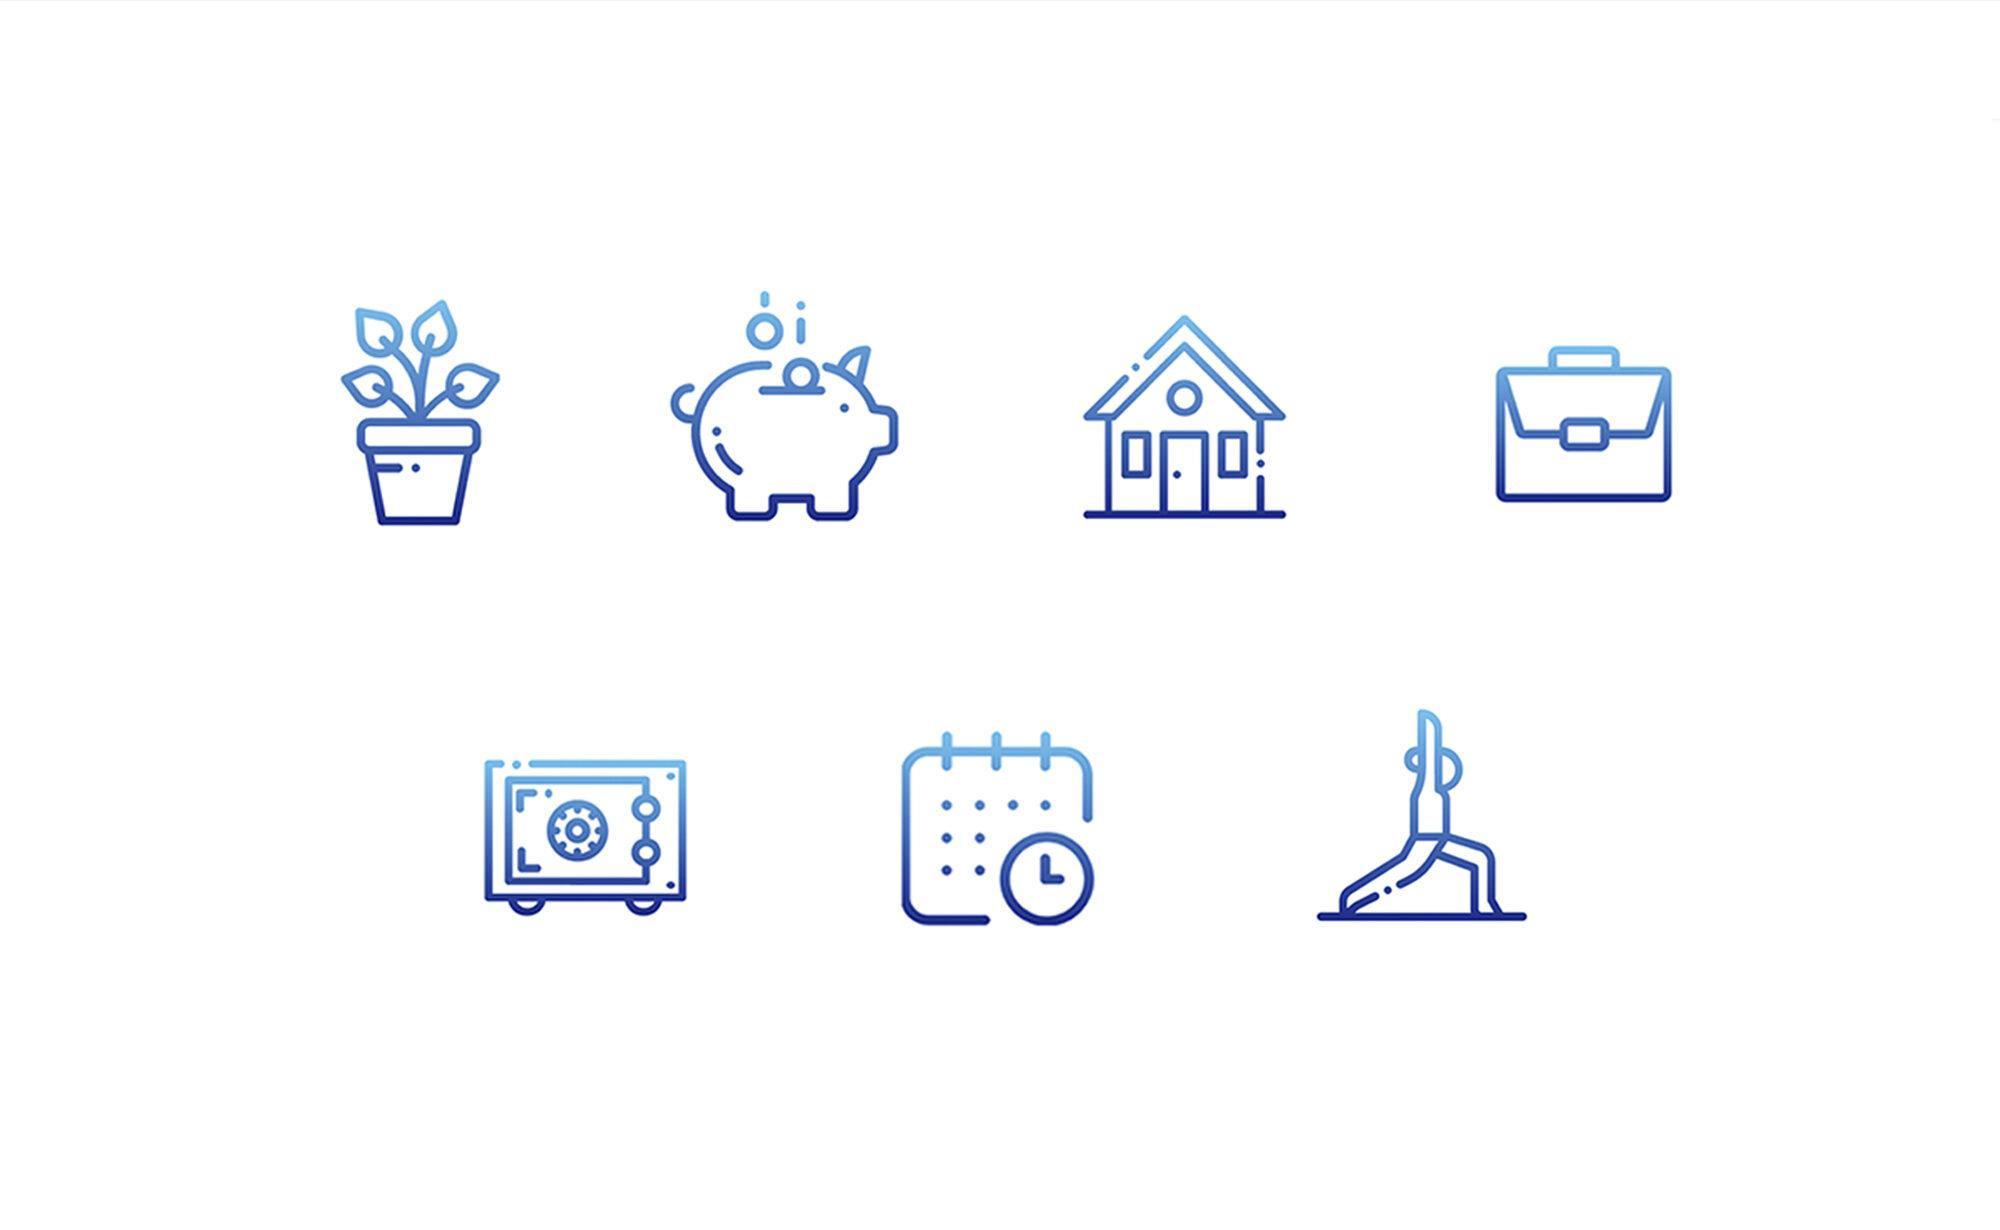 Icons von privor.ch - Privor Stiftung 3. Säule